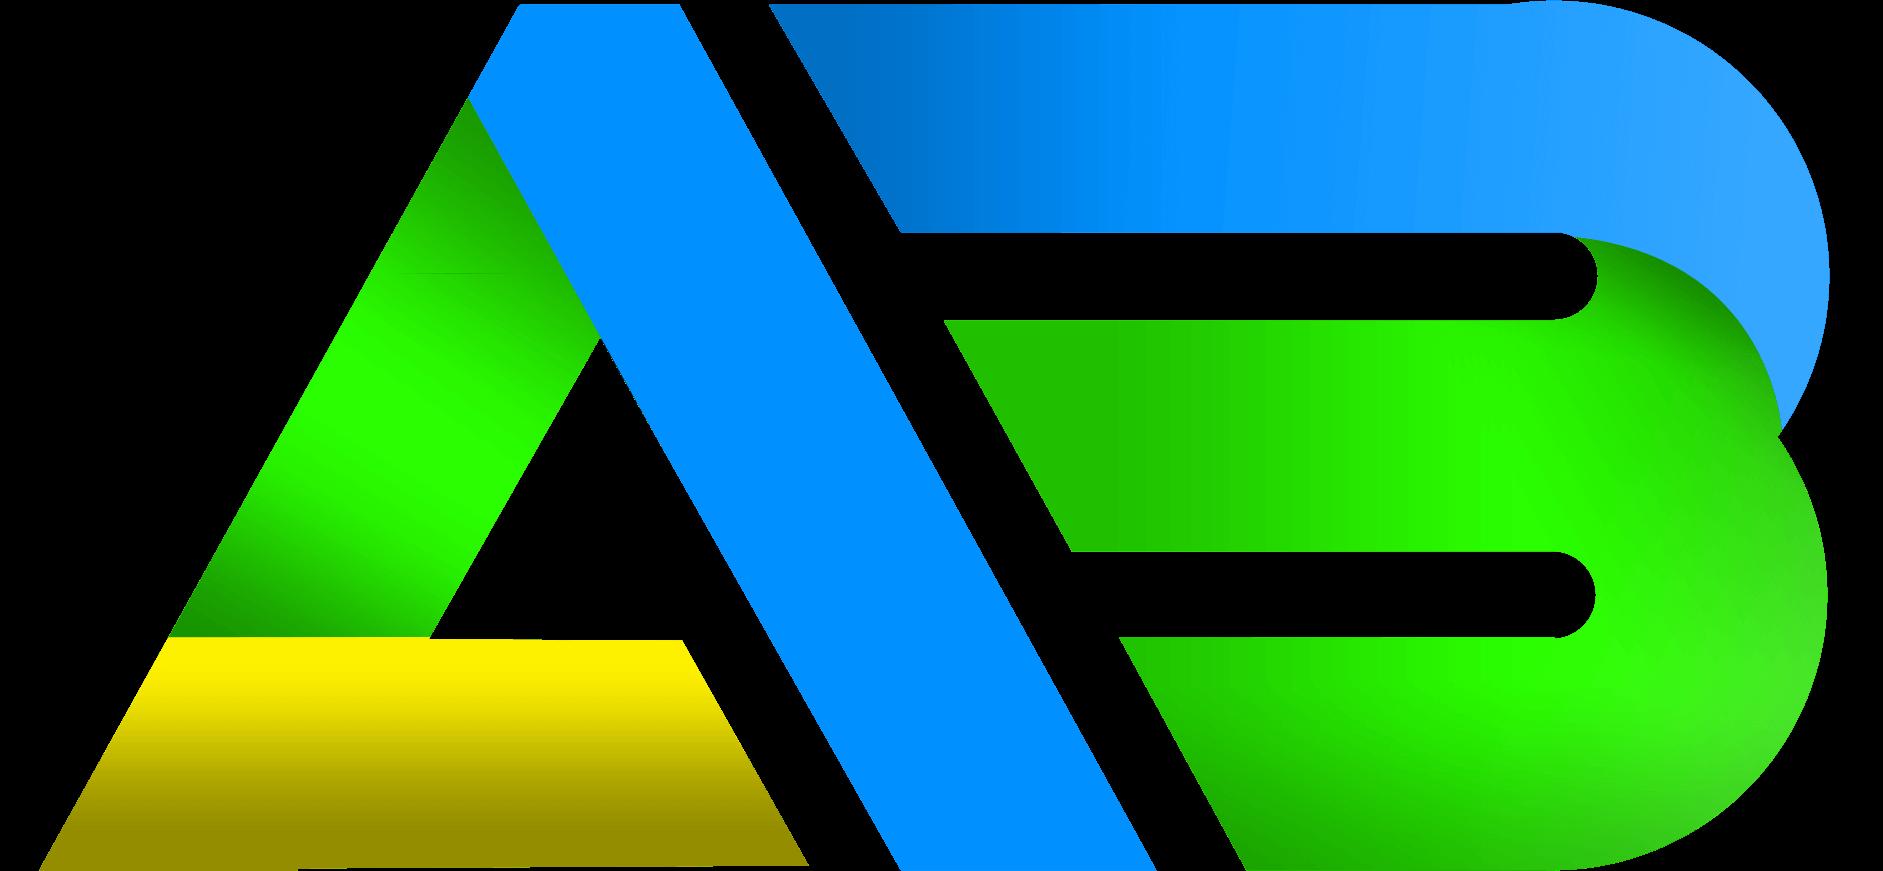 Jasa Pembuatan Website | Website MLM | Web Support MLM | Web Reseller | Toko Online | Desain Web Terbaik dan Termurah